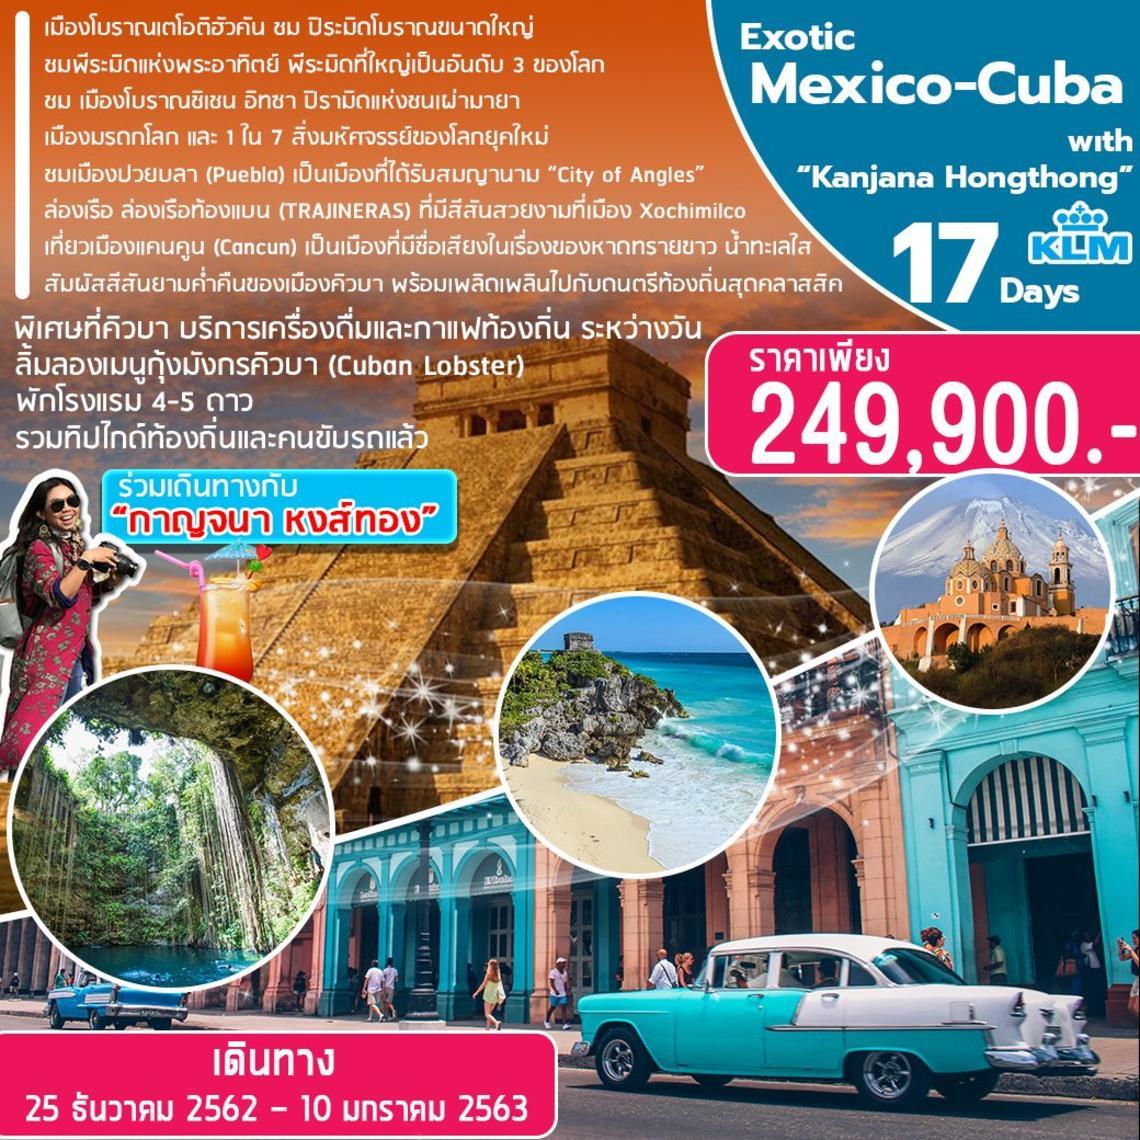 ทัวร์อเมริกาเหนือ Mexico Cuba with Kanjana Hongthong 17 วัน 13 คืน (KLM)